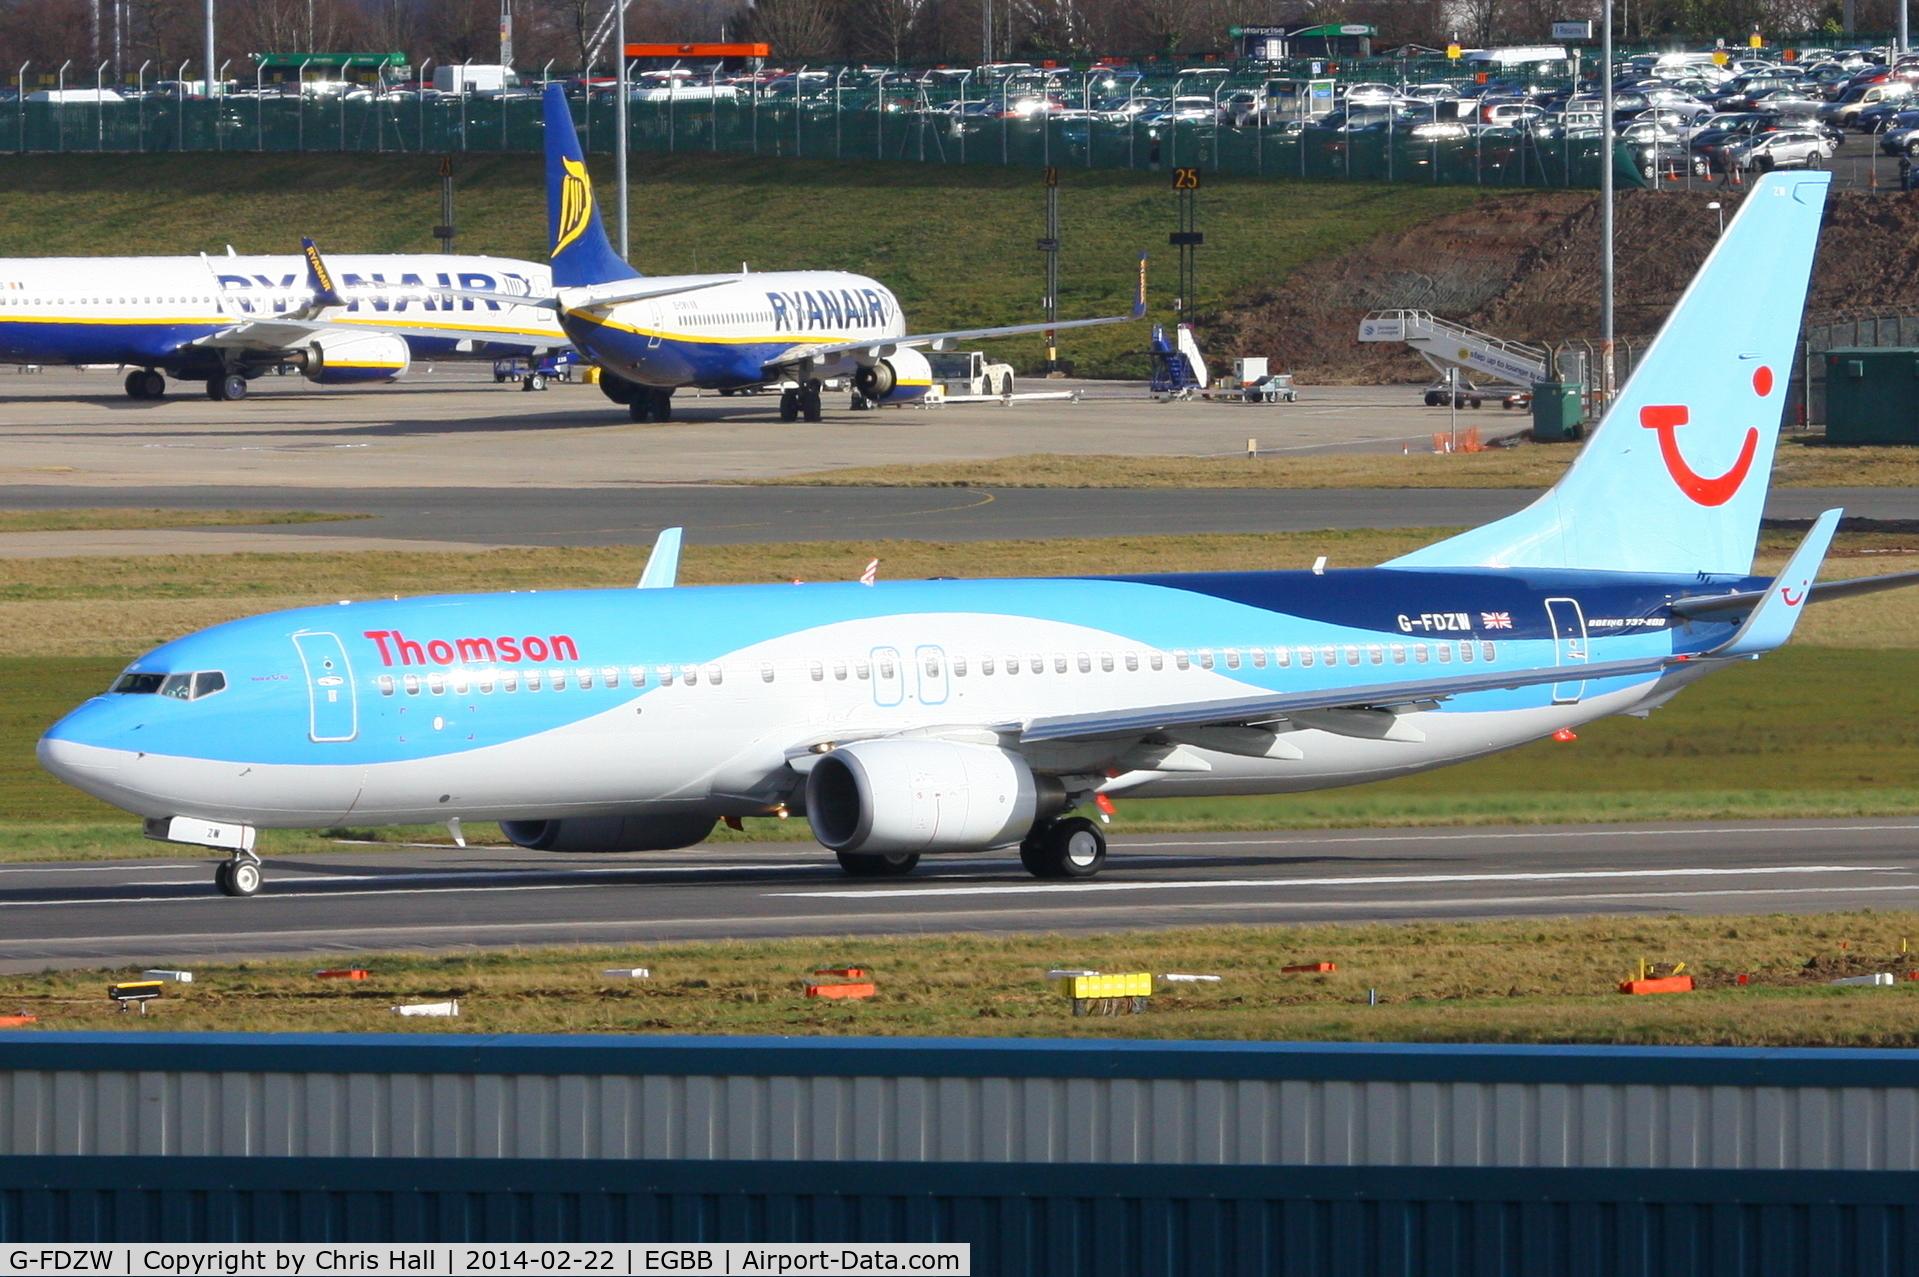 G-FDZW, 2011 Boeing 737-8K5 C/N 37254, Thomson